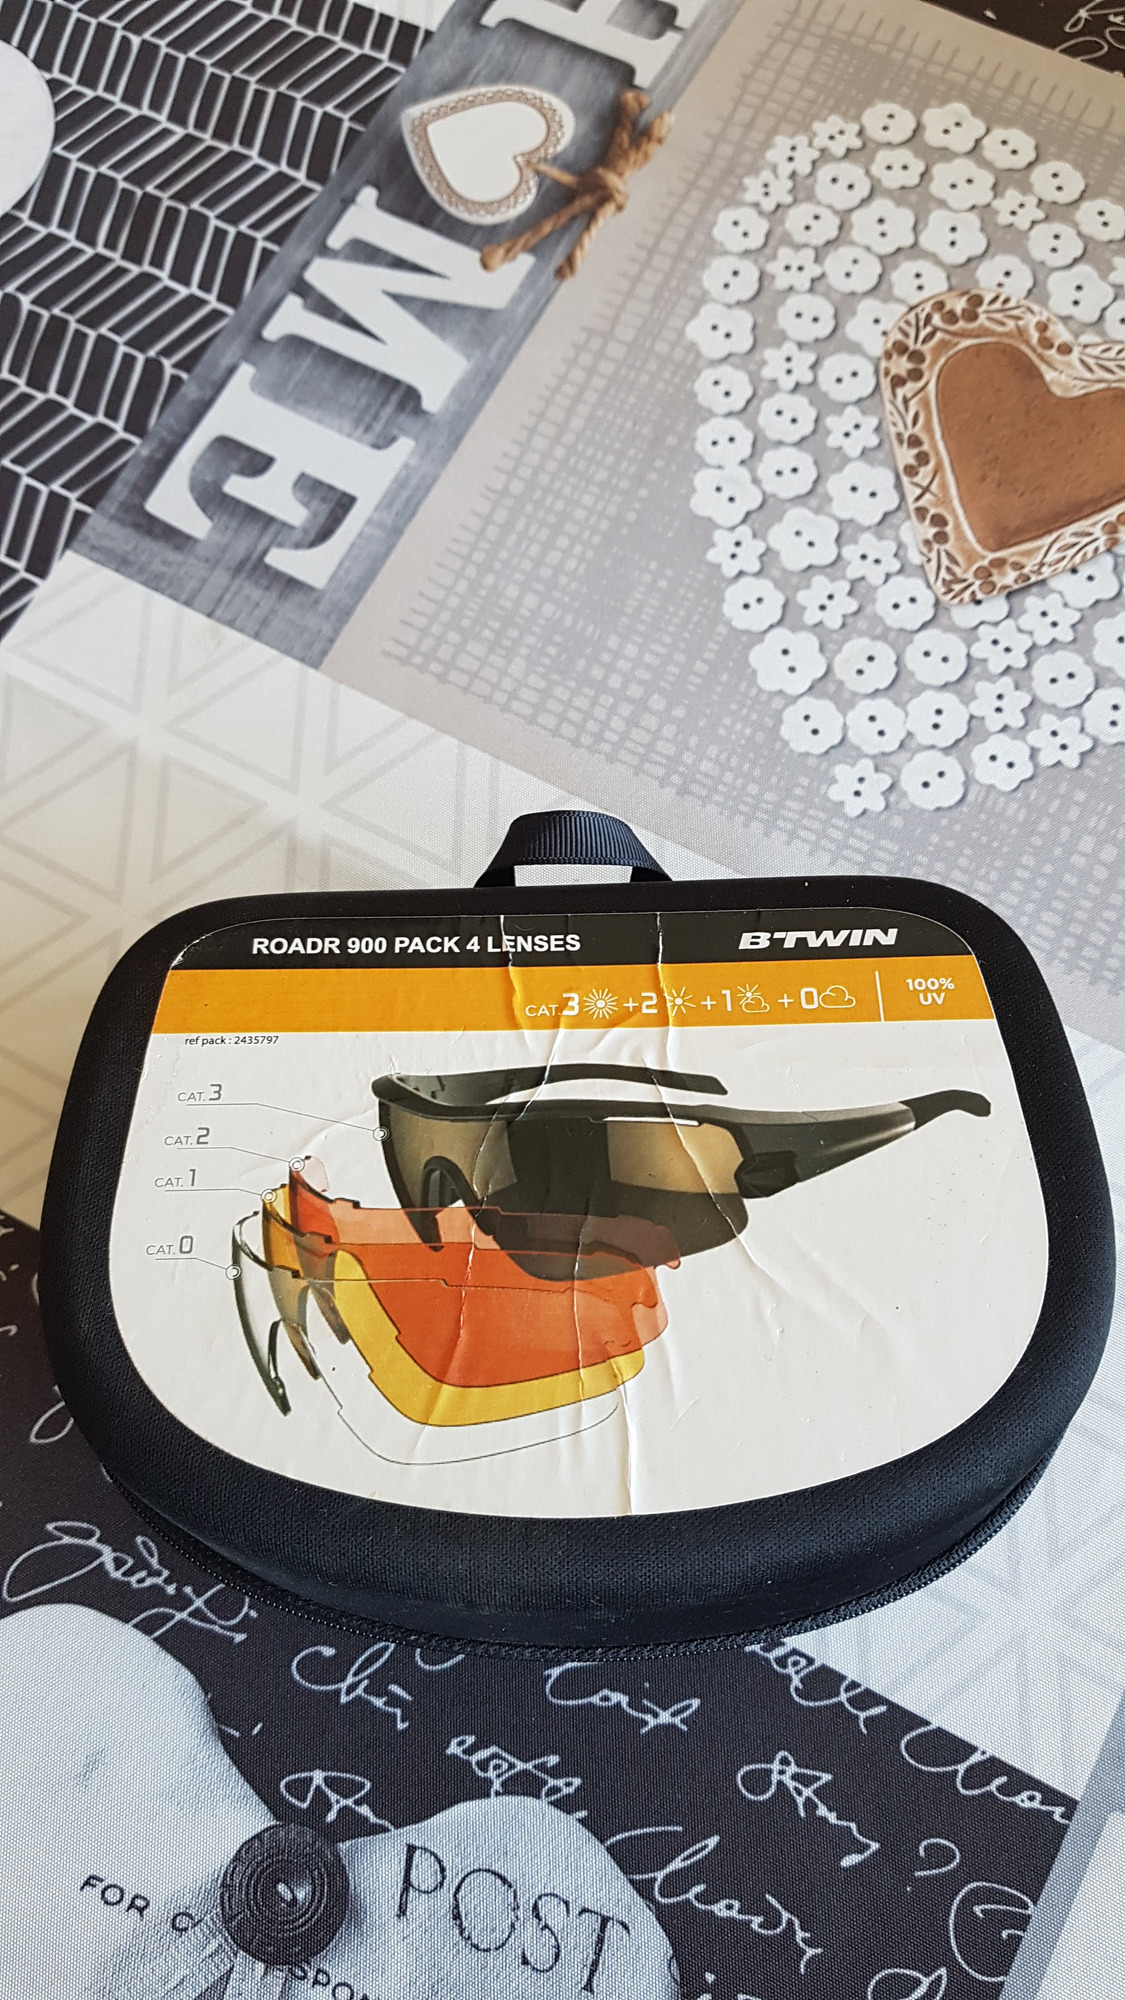 btwin roadr 900 pack 4 lenses